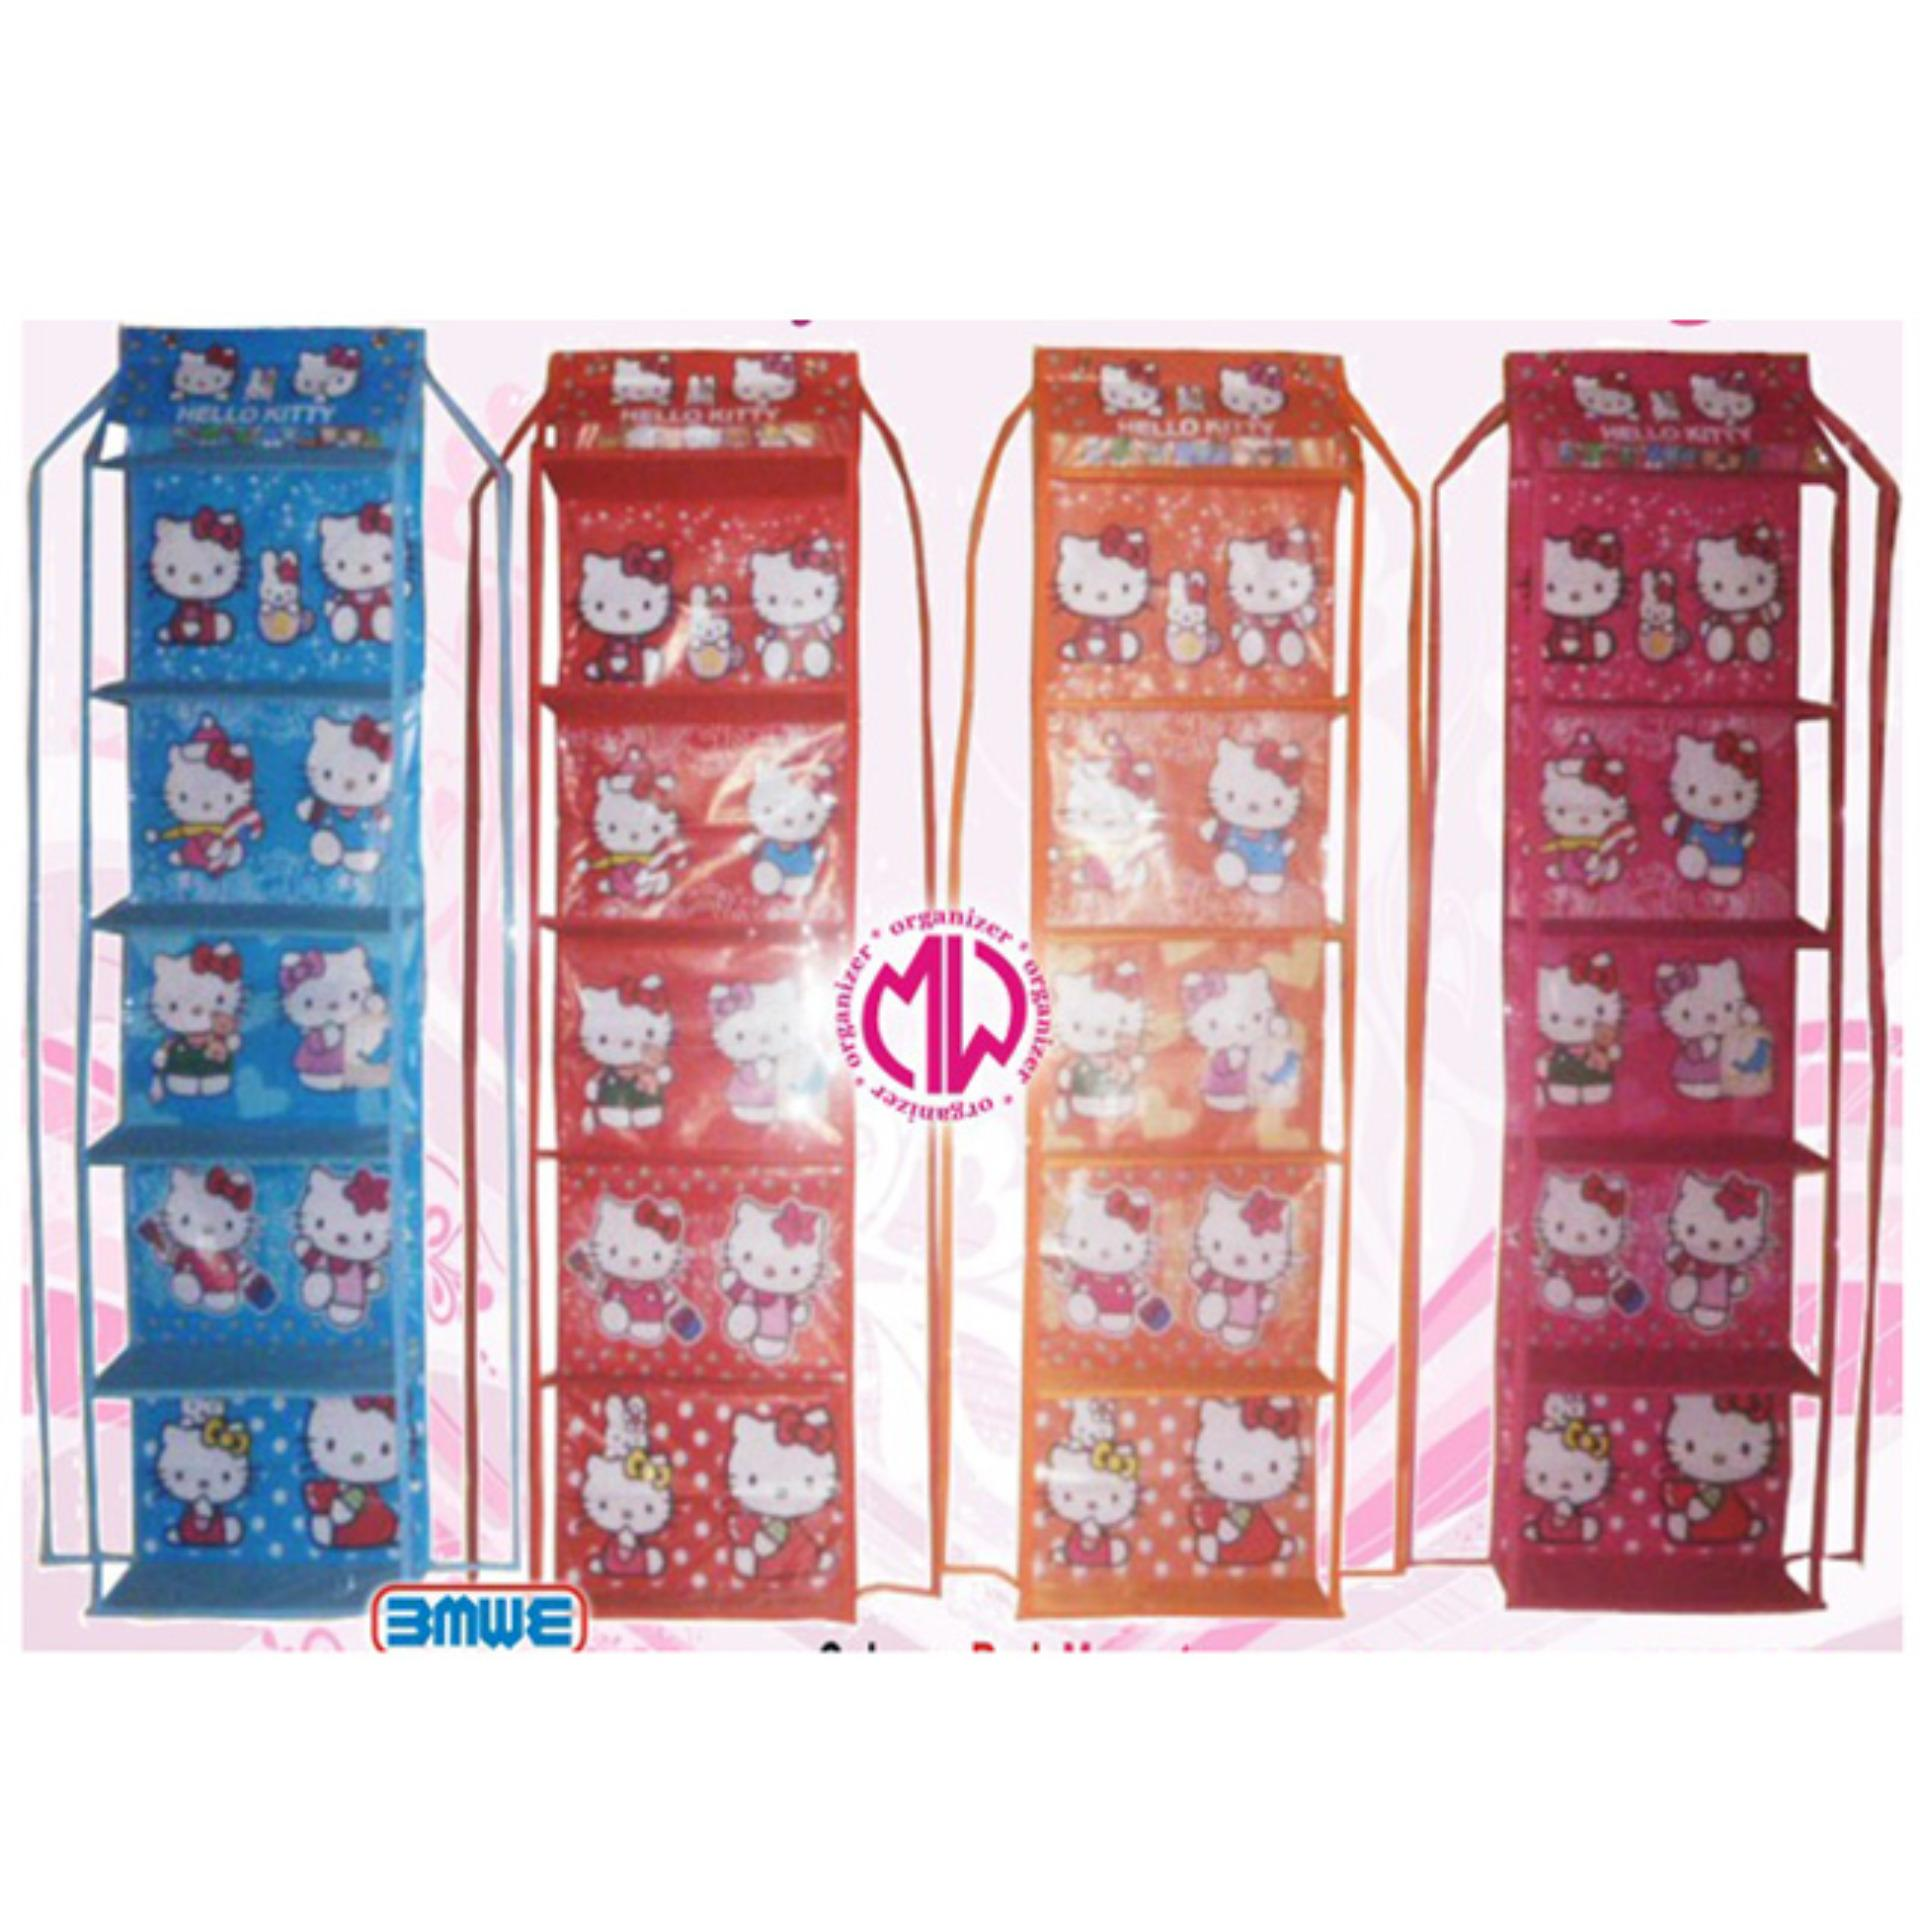 Fitur Hello Kitty Fanta Hboz Karakter Kartun Hanging Bag Organizer Rak Tas Gantung Zipper Resleting Hbo Sleting